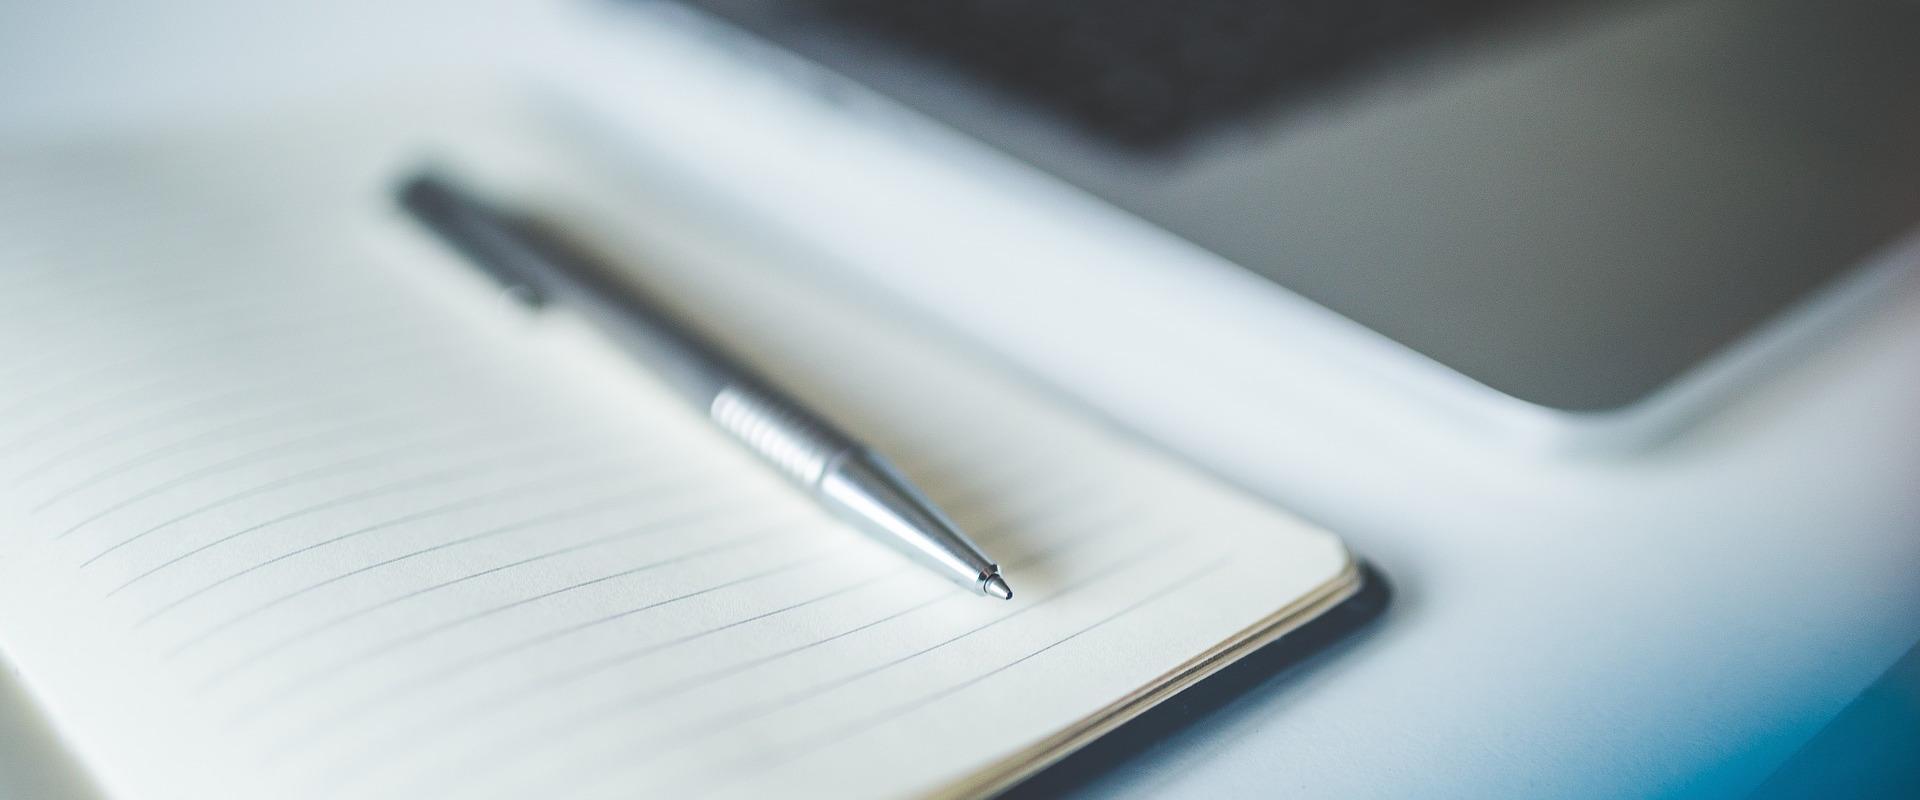 Texte, Medien, Lektorat – ganz nach Ihren Bedürfnissen